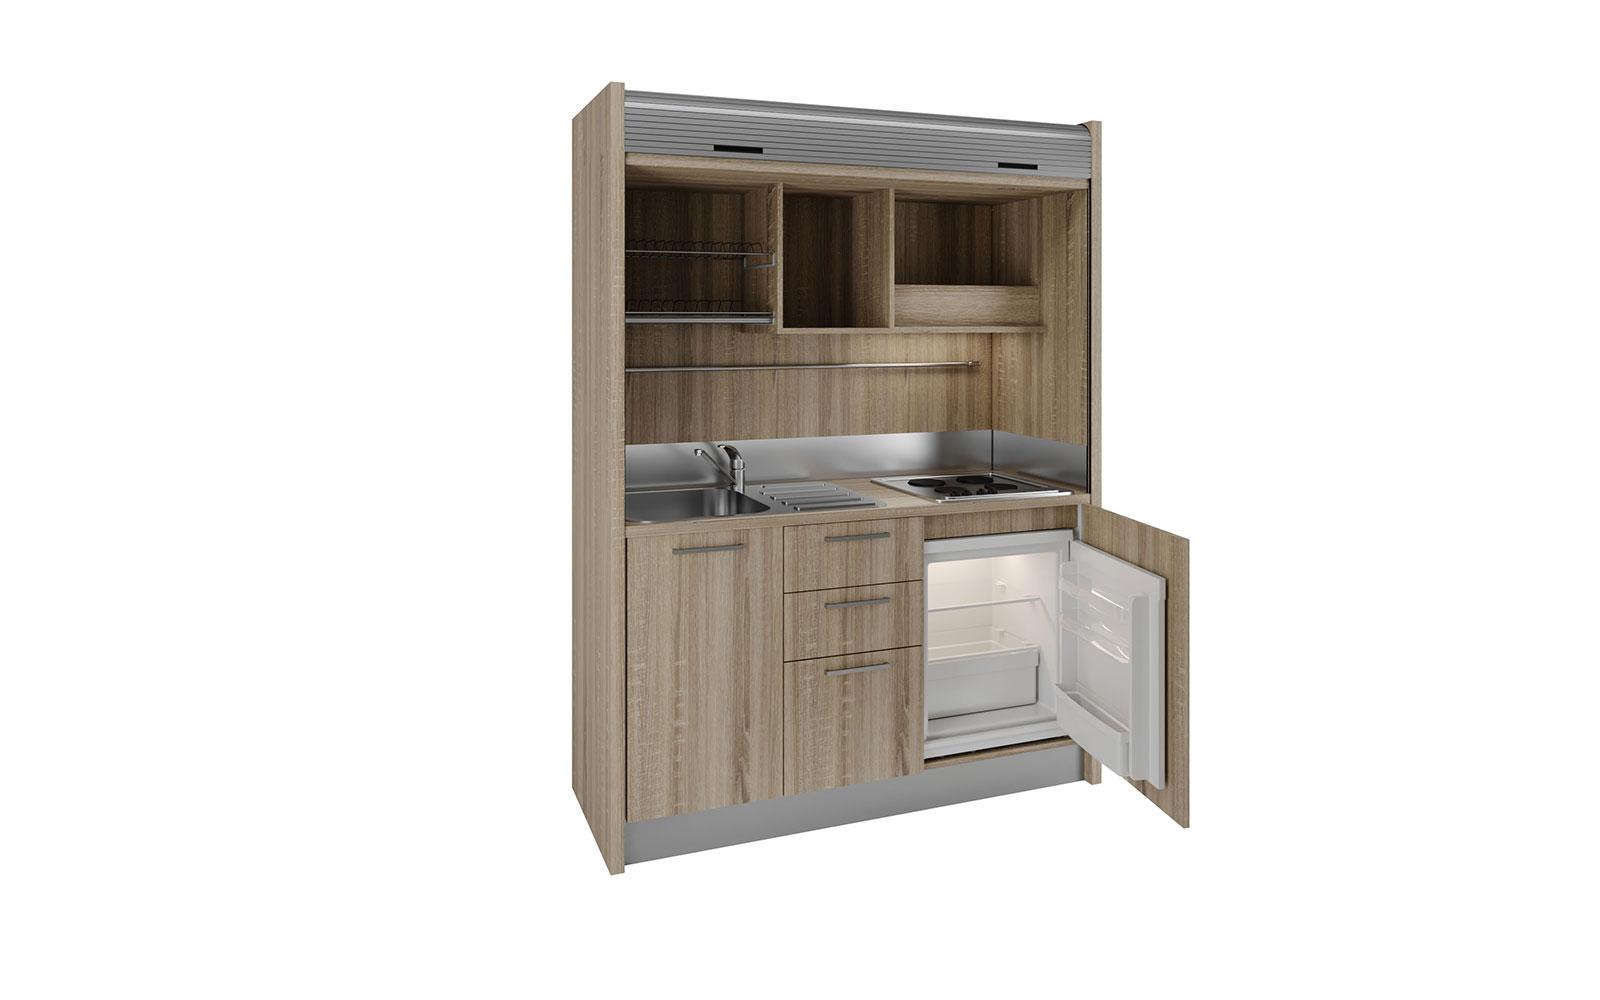 Mini Cucine A Scomparsa chianti sx – mini cucina nascosta a 4 fuochi con serrandina in 1 metro e  60cm